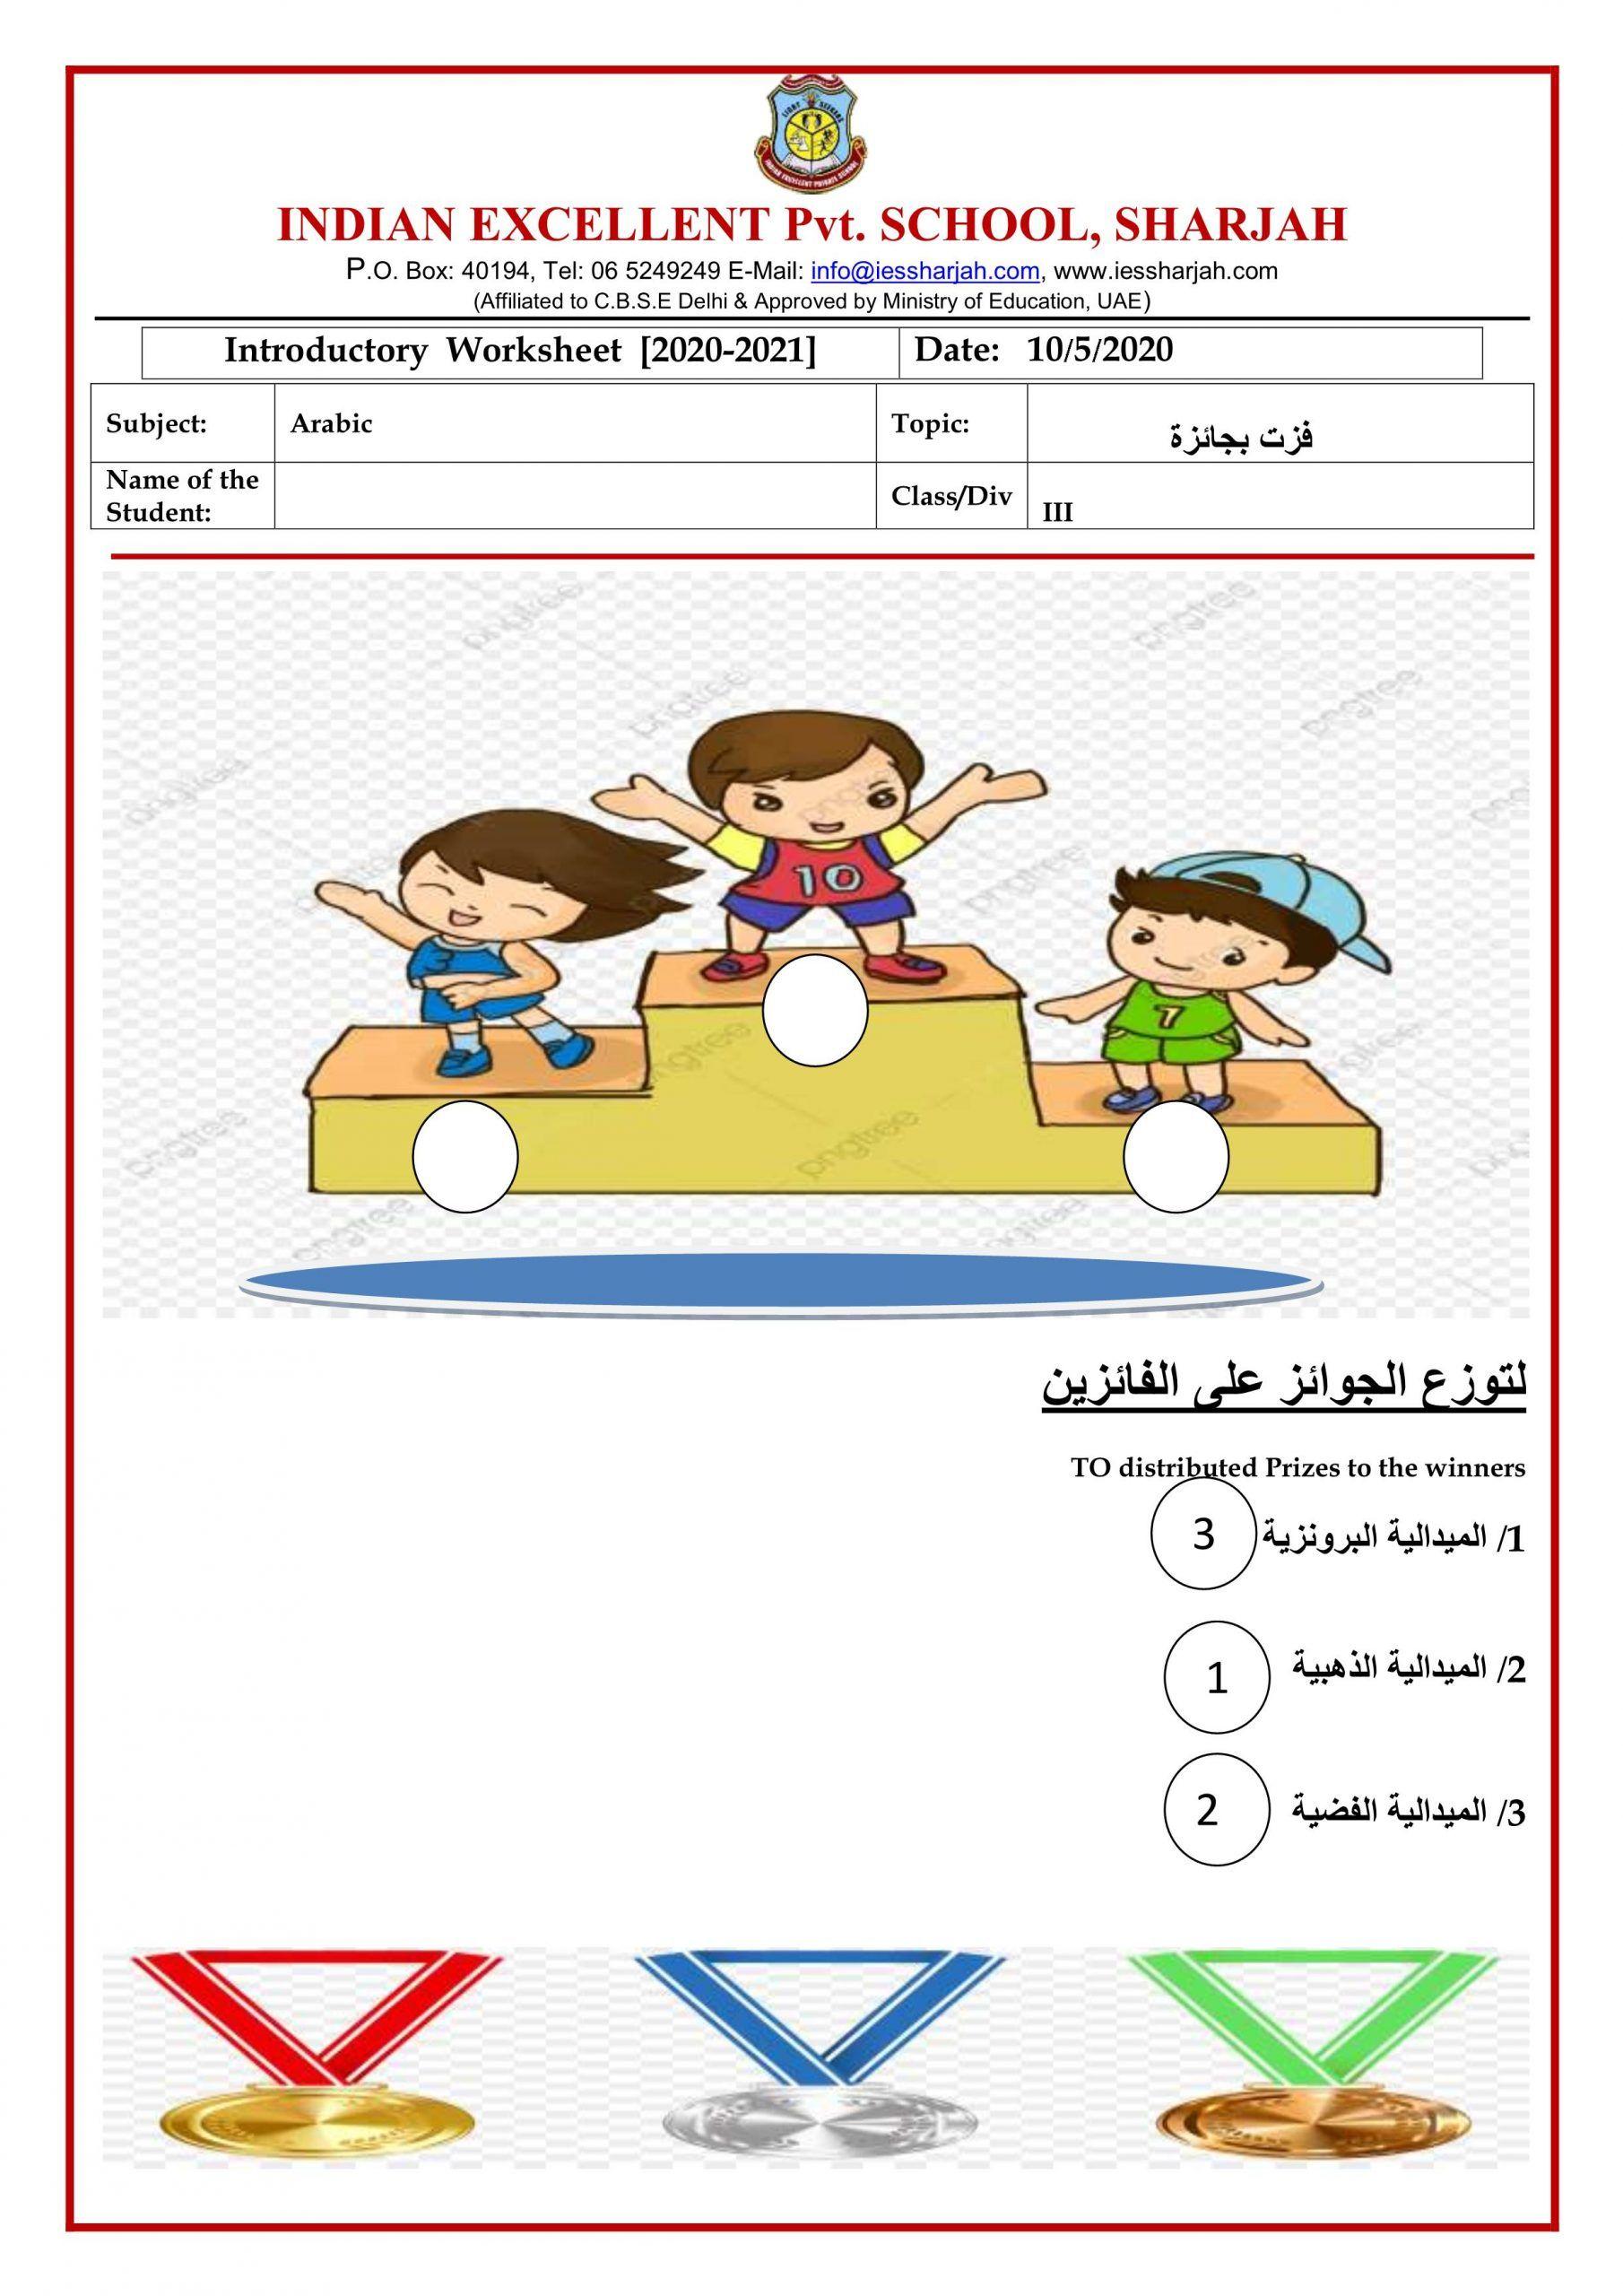 اوراق عمل فزت بجائزة لغير الناطقين بها الصف الثالث مادة اللغة العربية Ministry Of Education Education Student